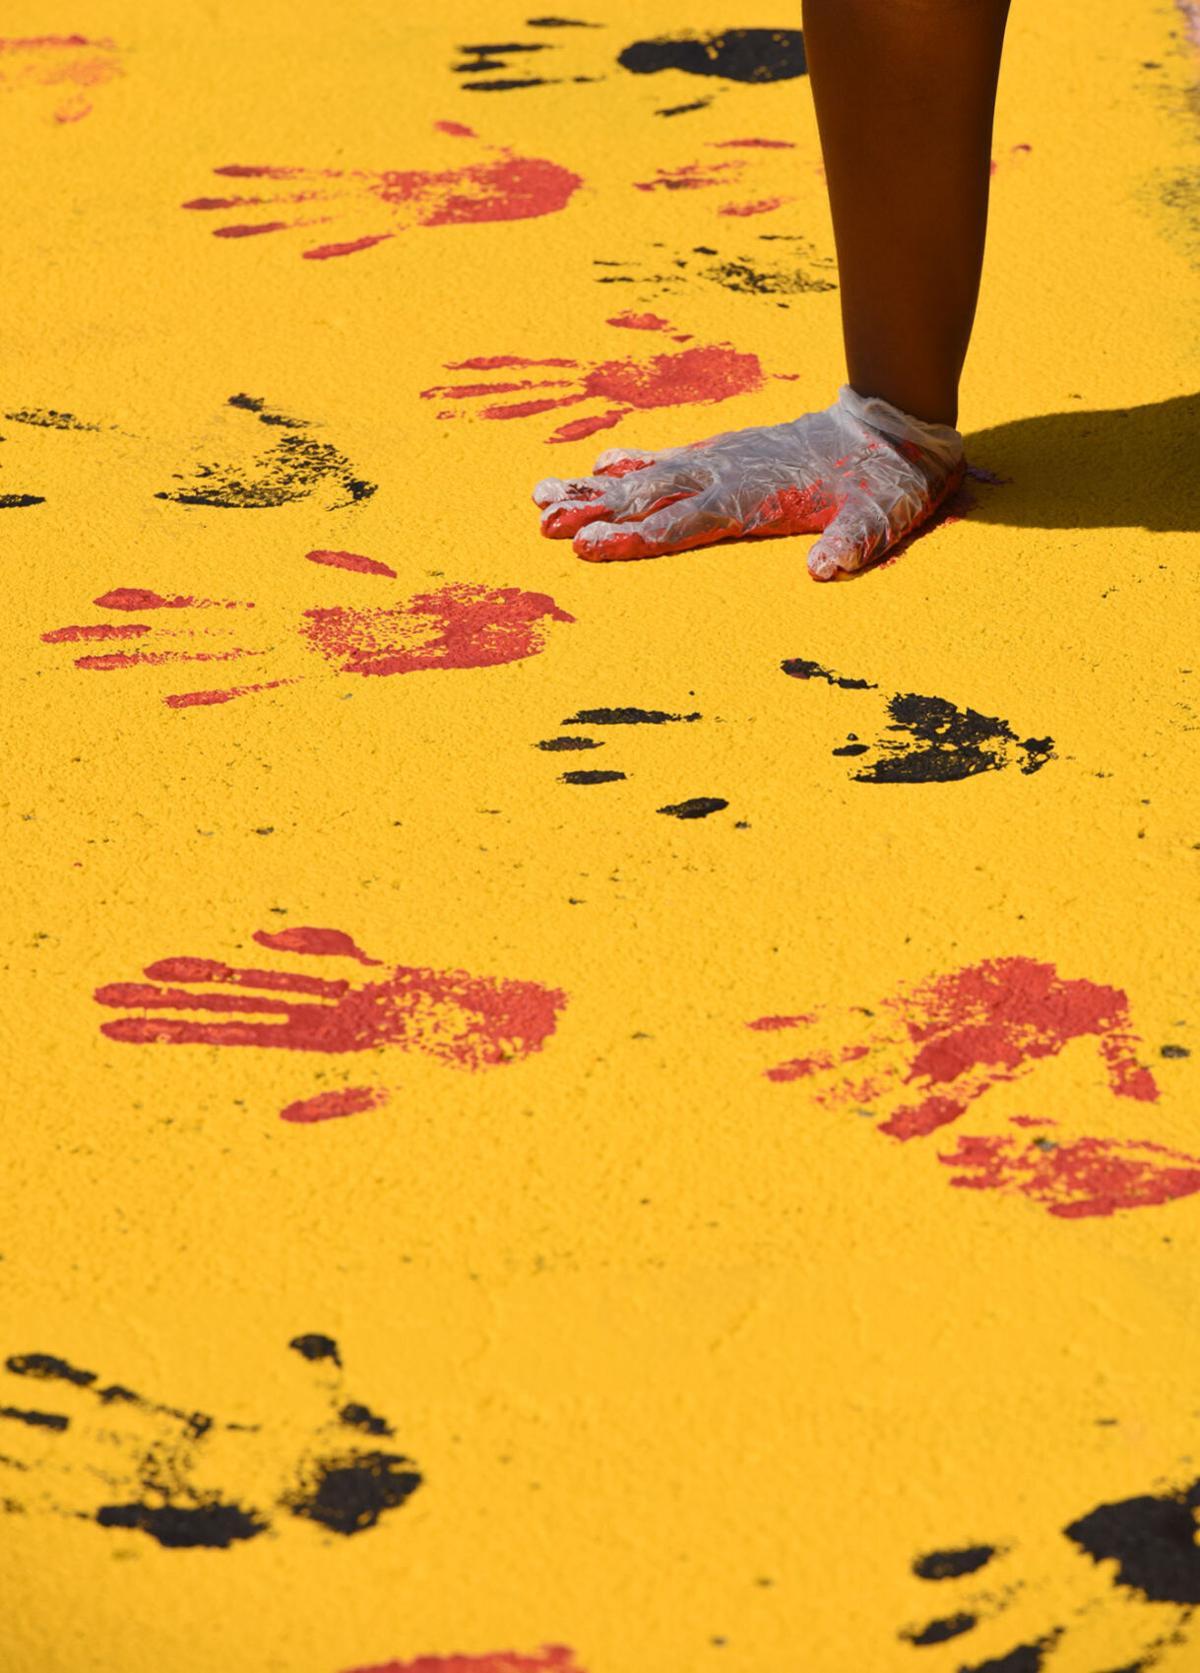 200811-HP-black-lives-matter-mural2-photo.jpg